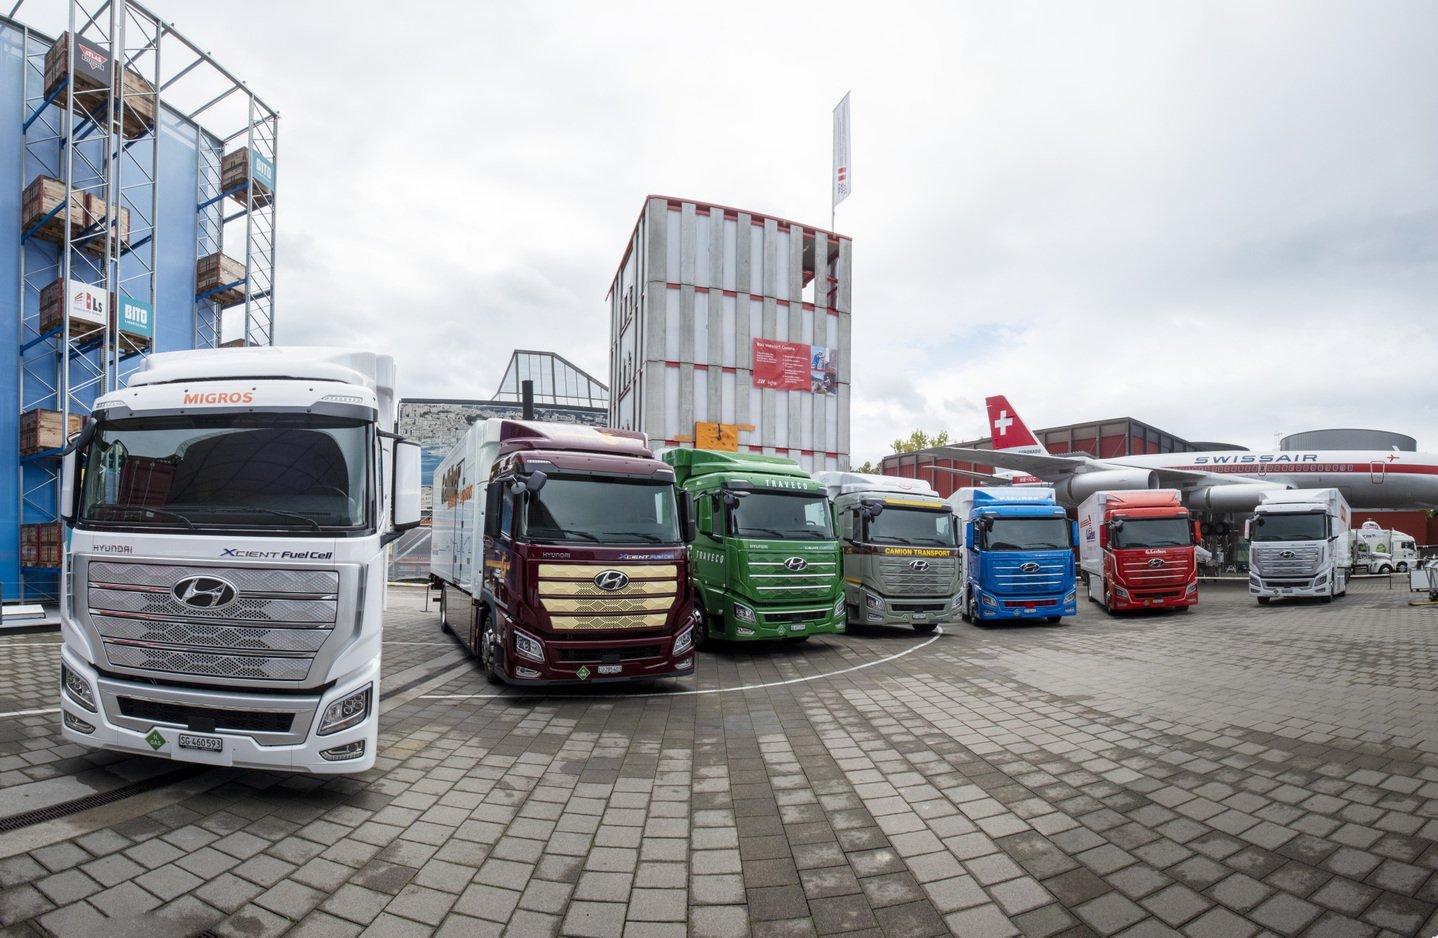 Hyundai Motor доставила первую партию тяжелых грузовиков на топливных элементах Xcient Fuel Cell в Швейцарию